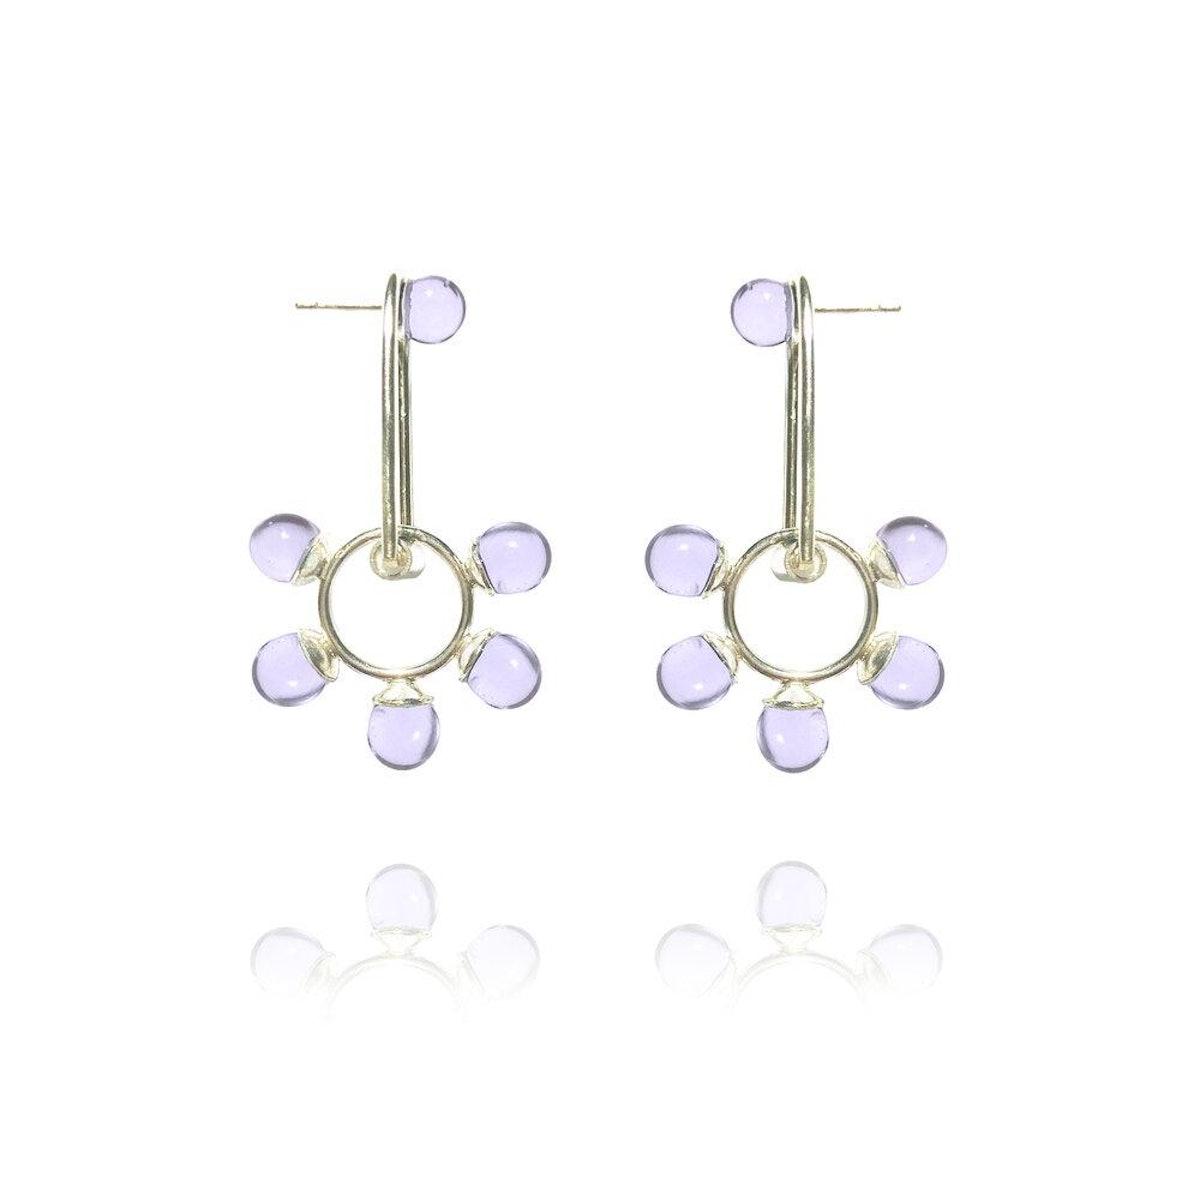 Pendulum Shift III Earrings